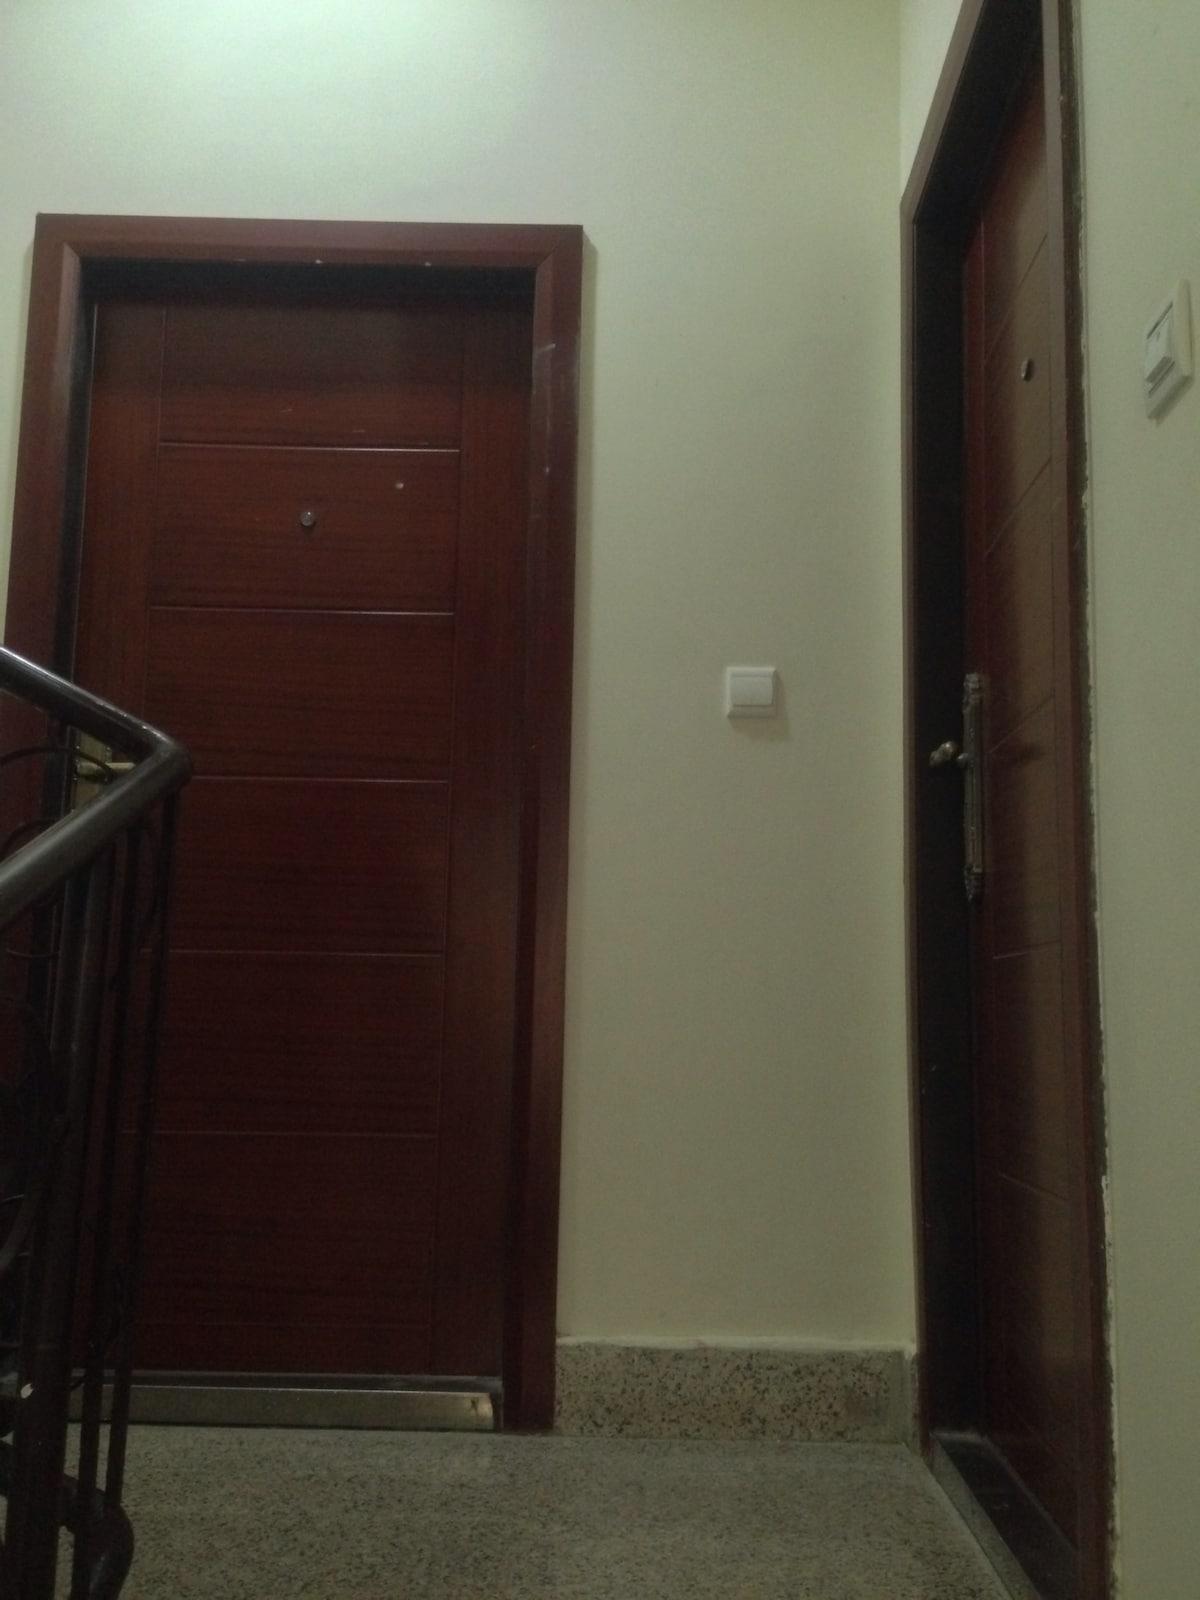 two rooms in makkah for hajj